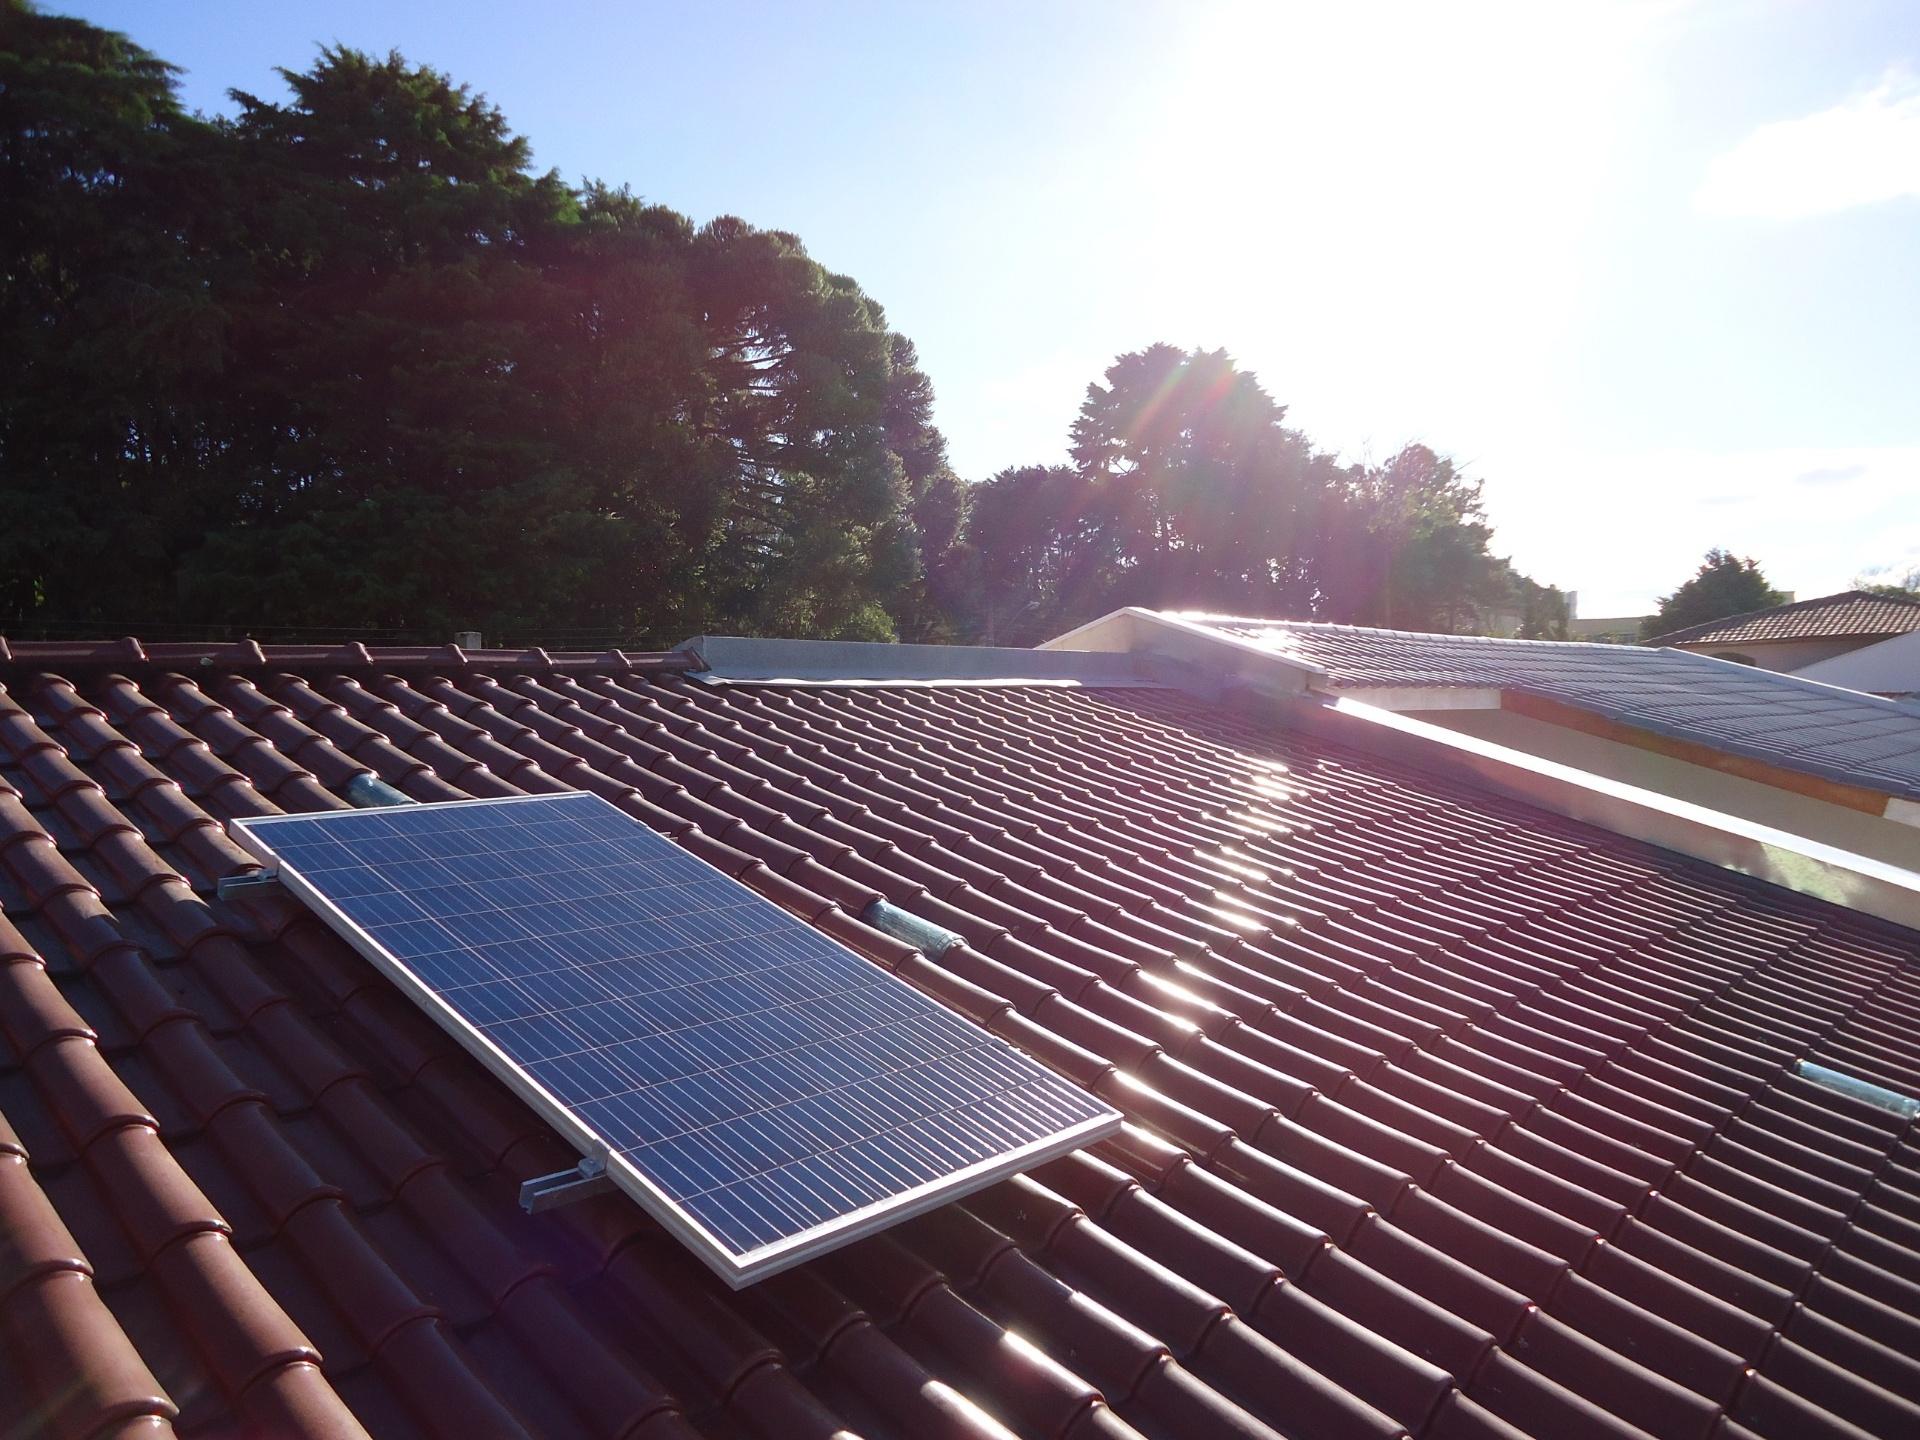 b1a23e411db Califórnia passa a exigir energia solar em novas residências - 10 05 2018 -  UOL Economia